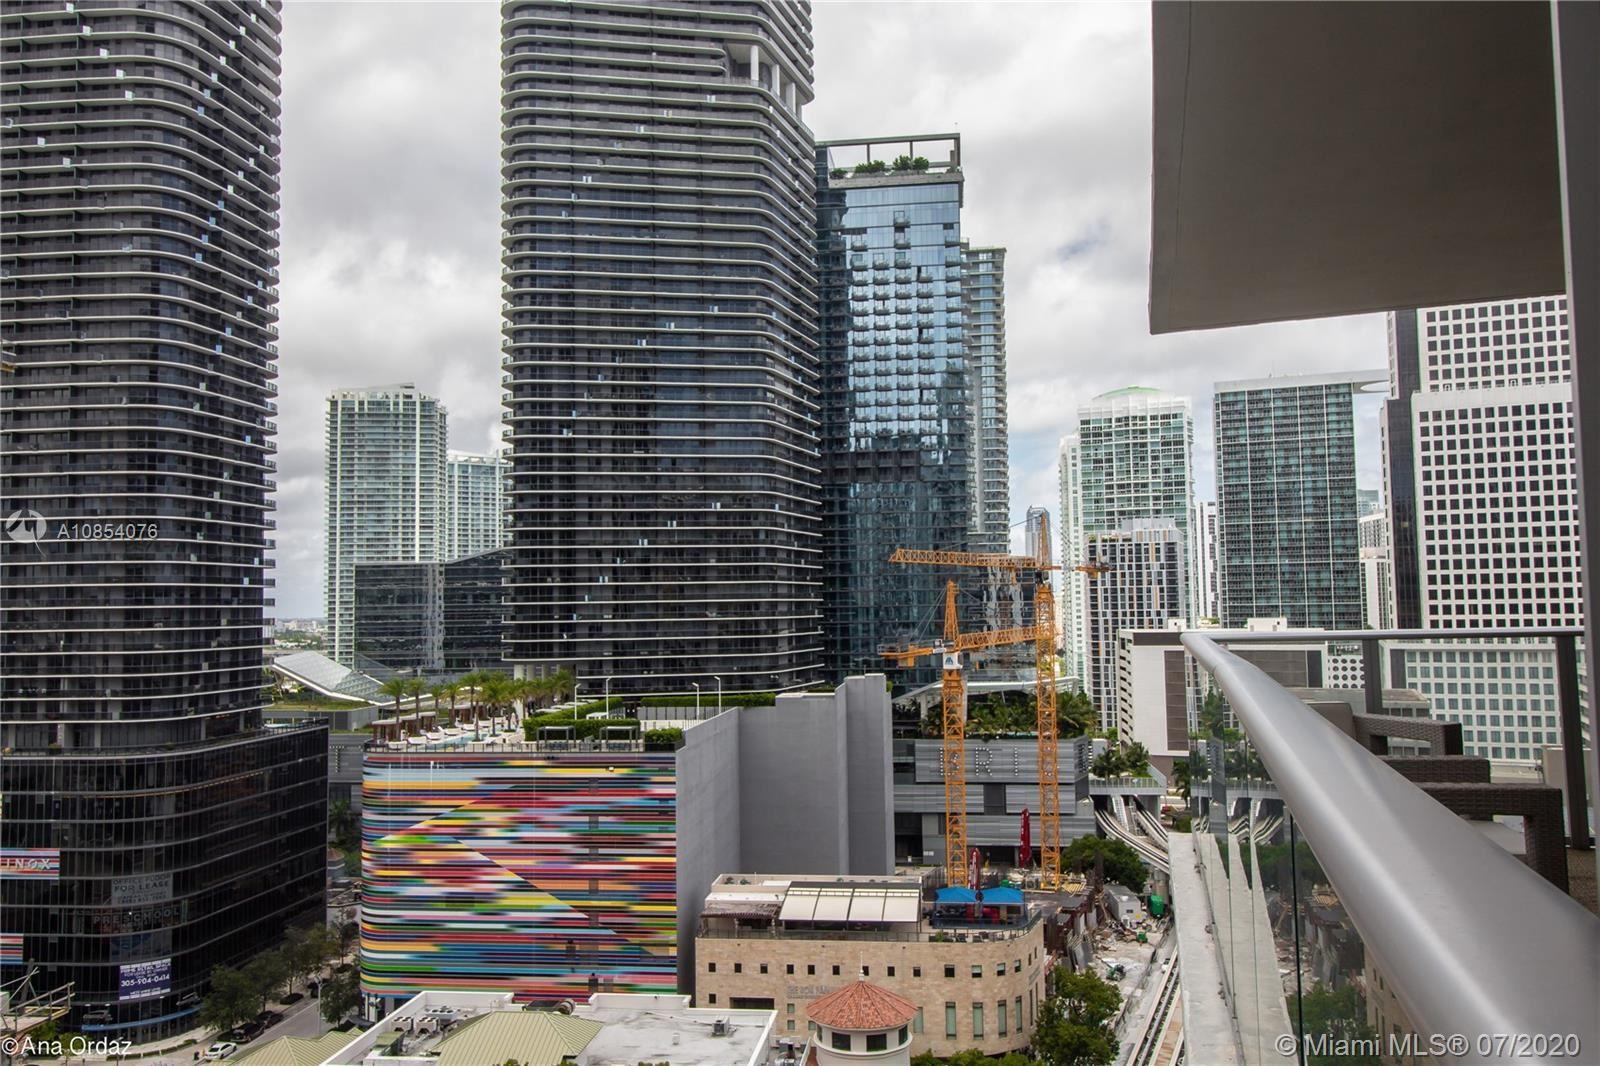 1010 Brickell Ave #1810, Miami, FL 33131 - #: A10854076